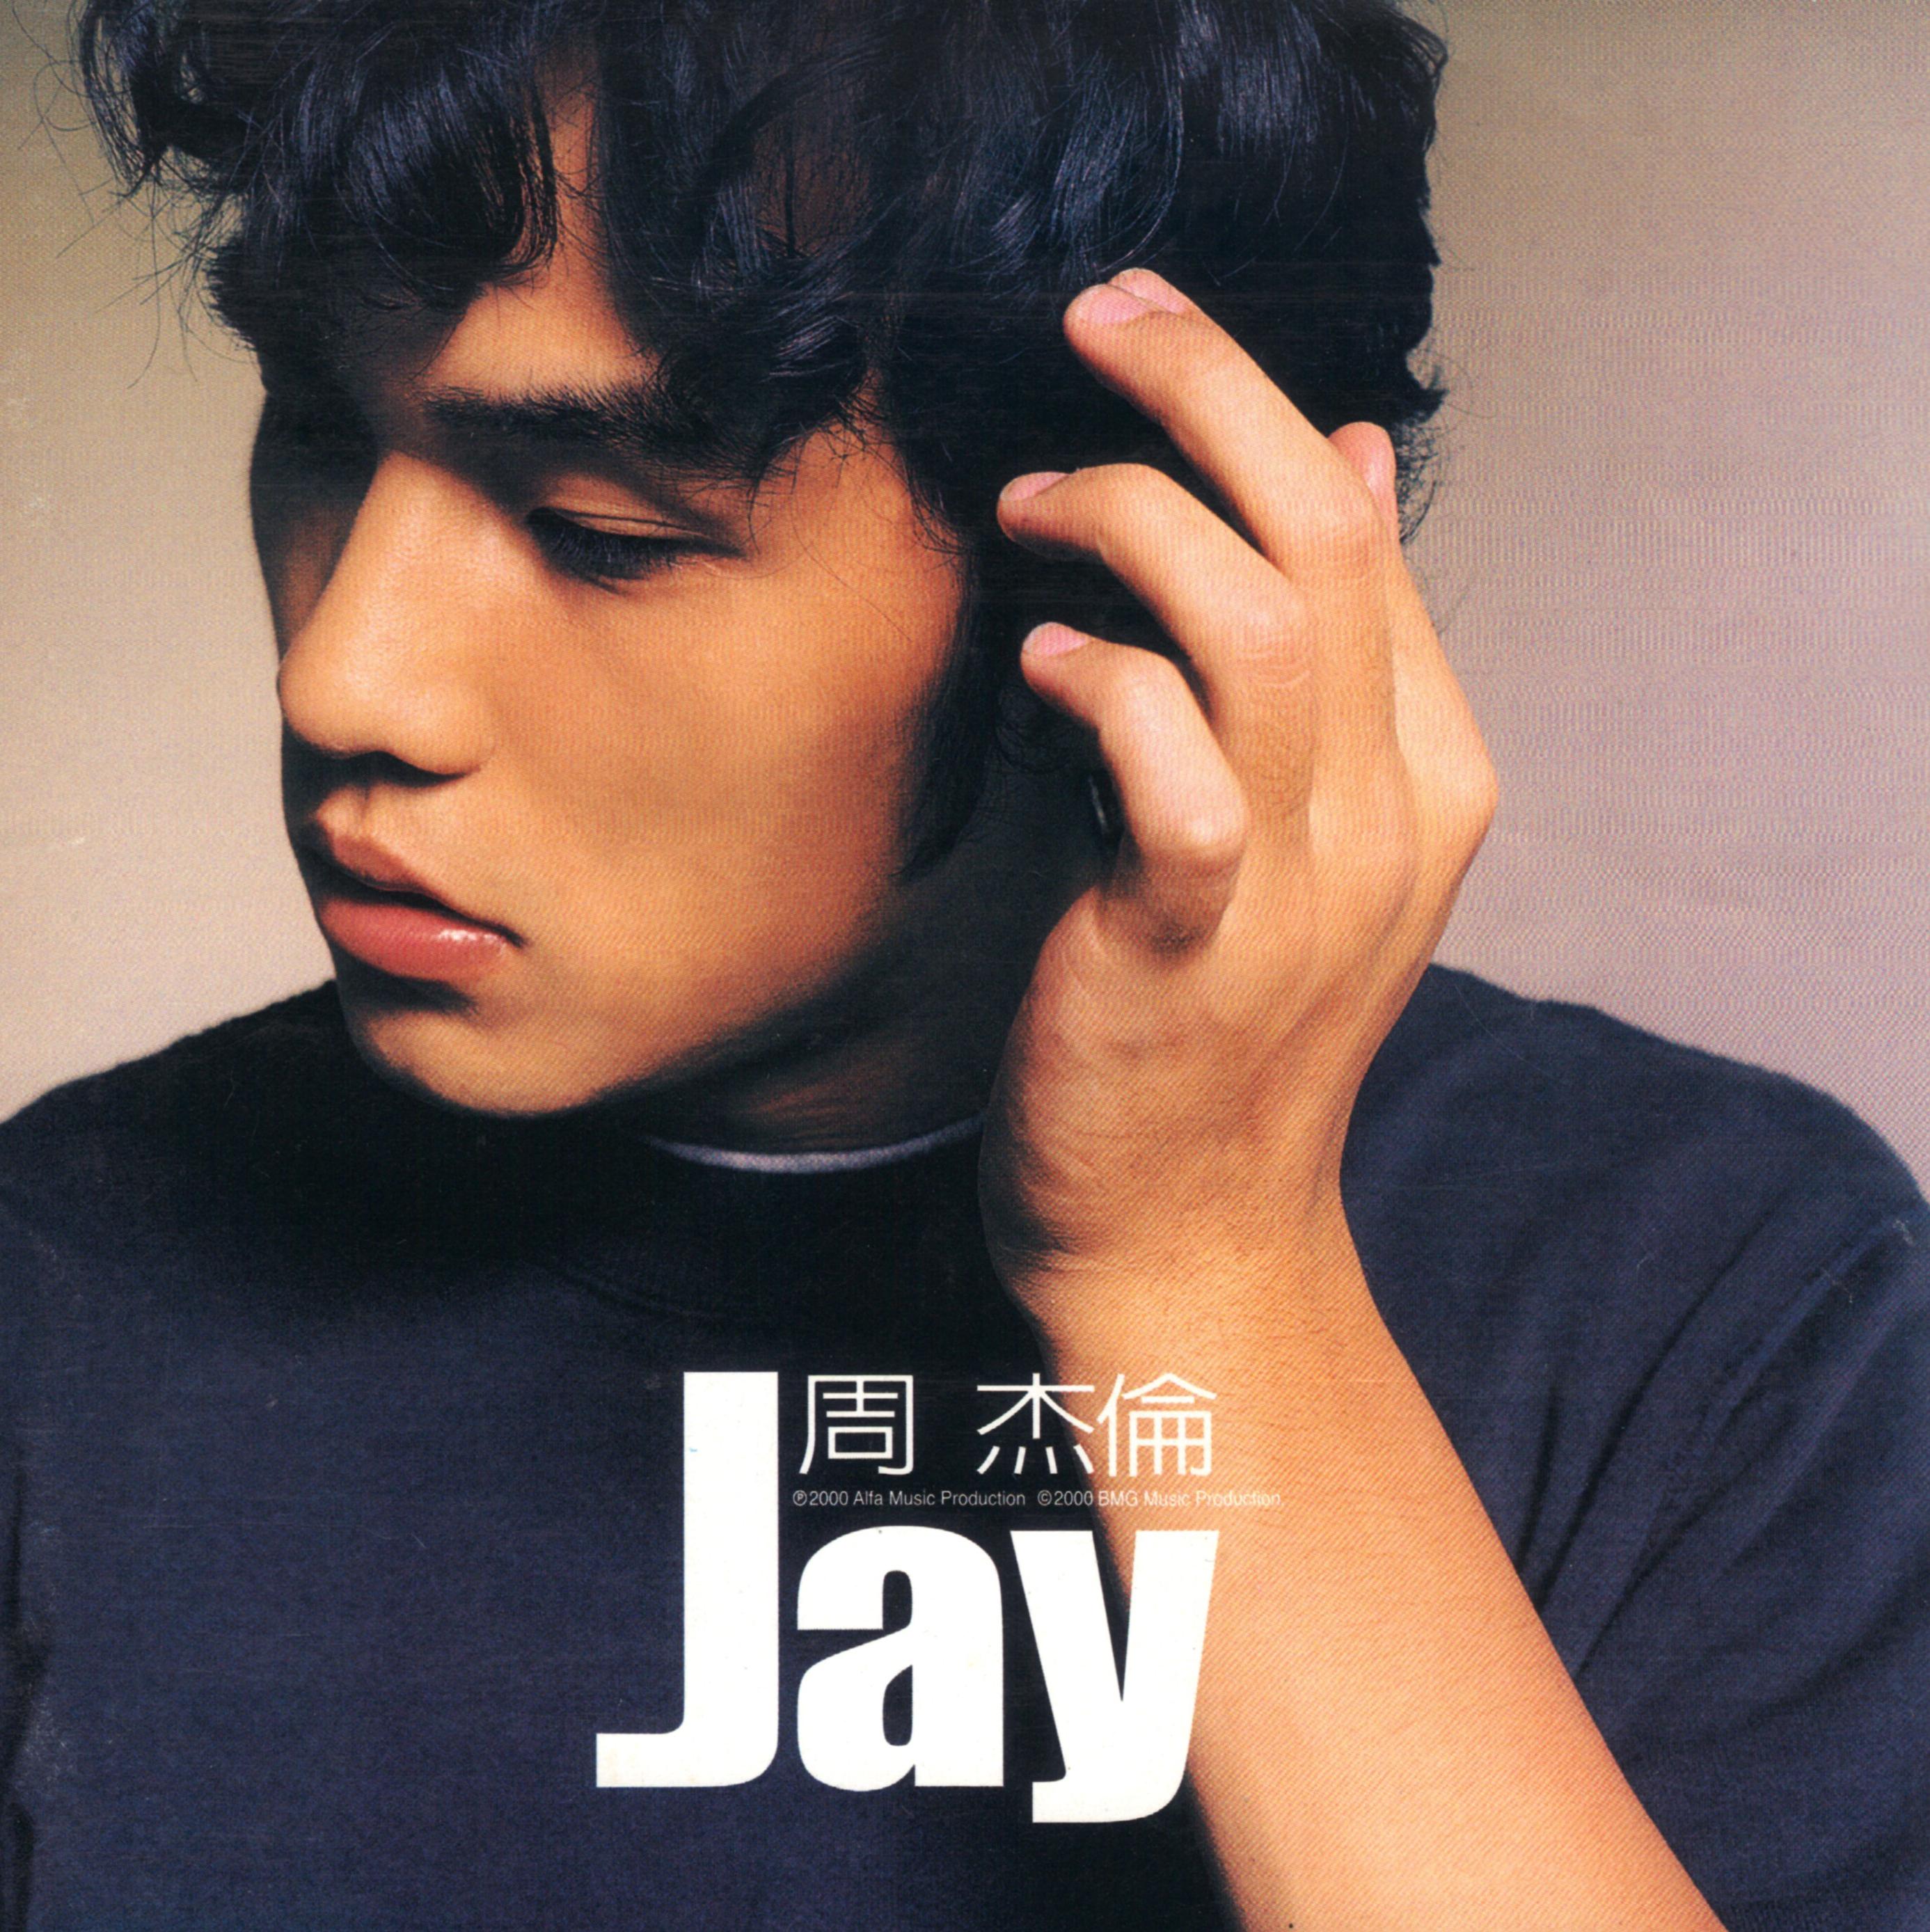 周杰伦 Jay